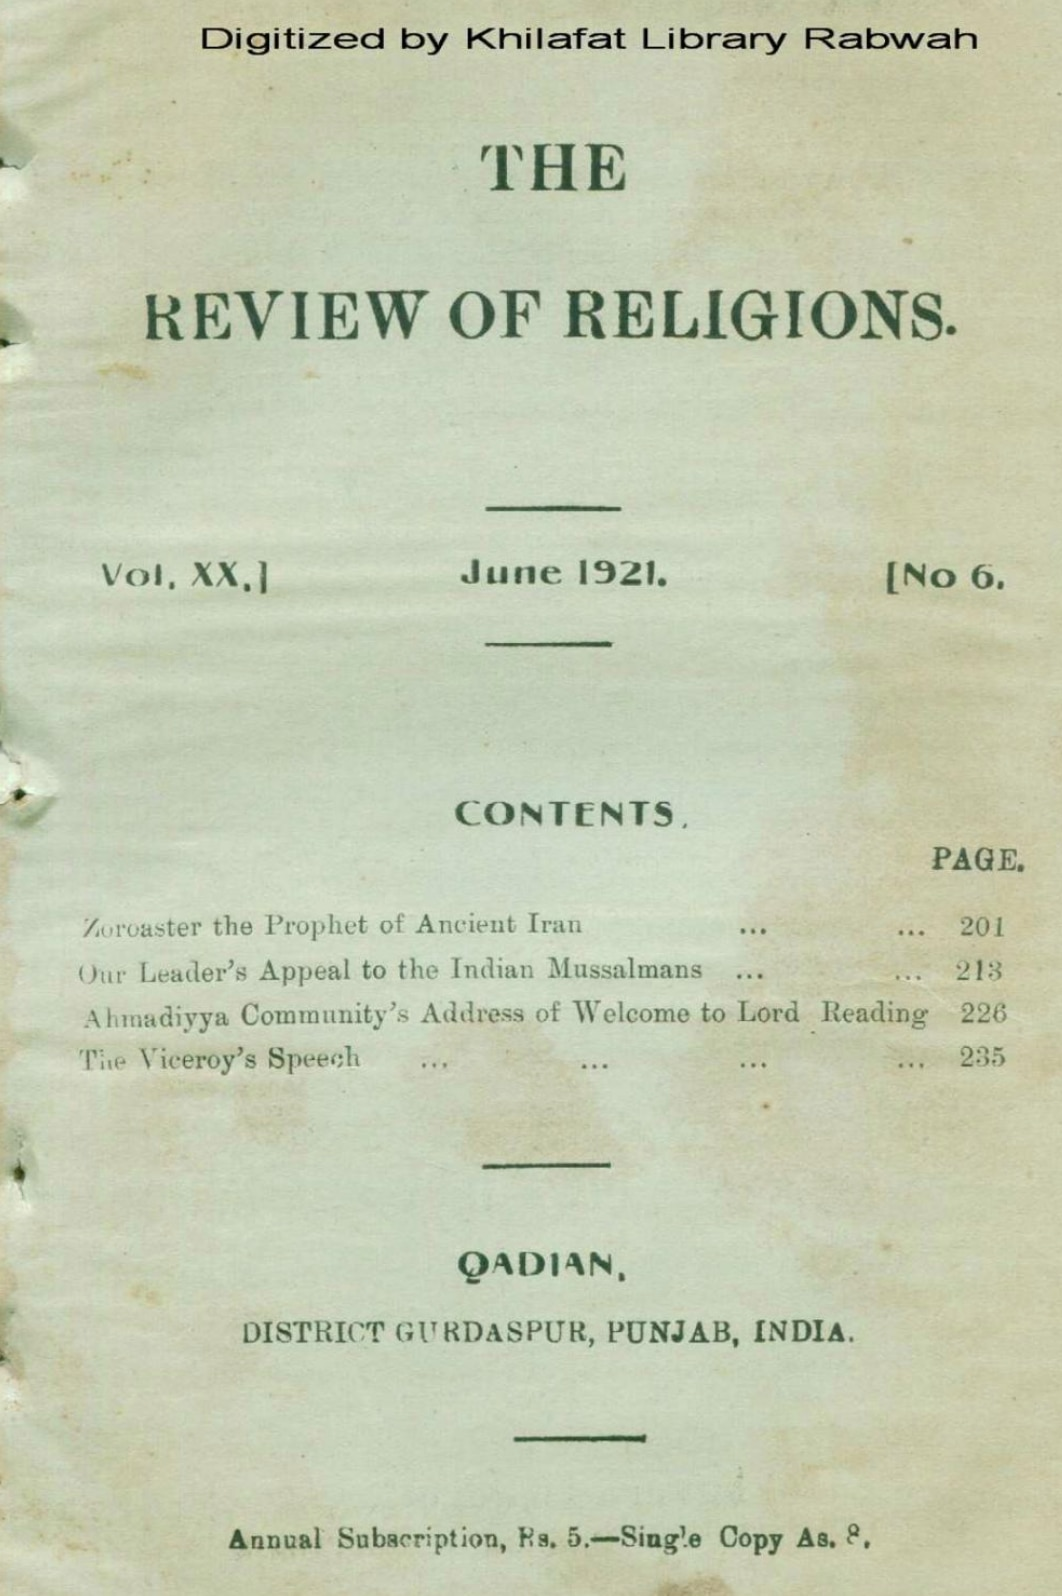 100 Year Rewind RoR June 1921